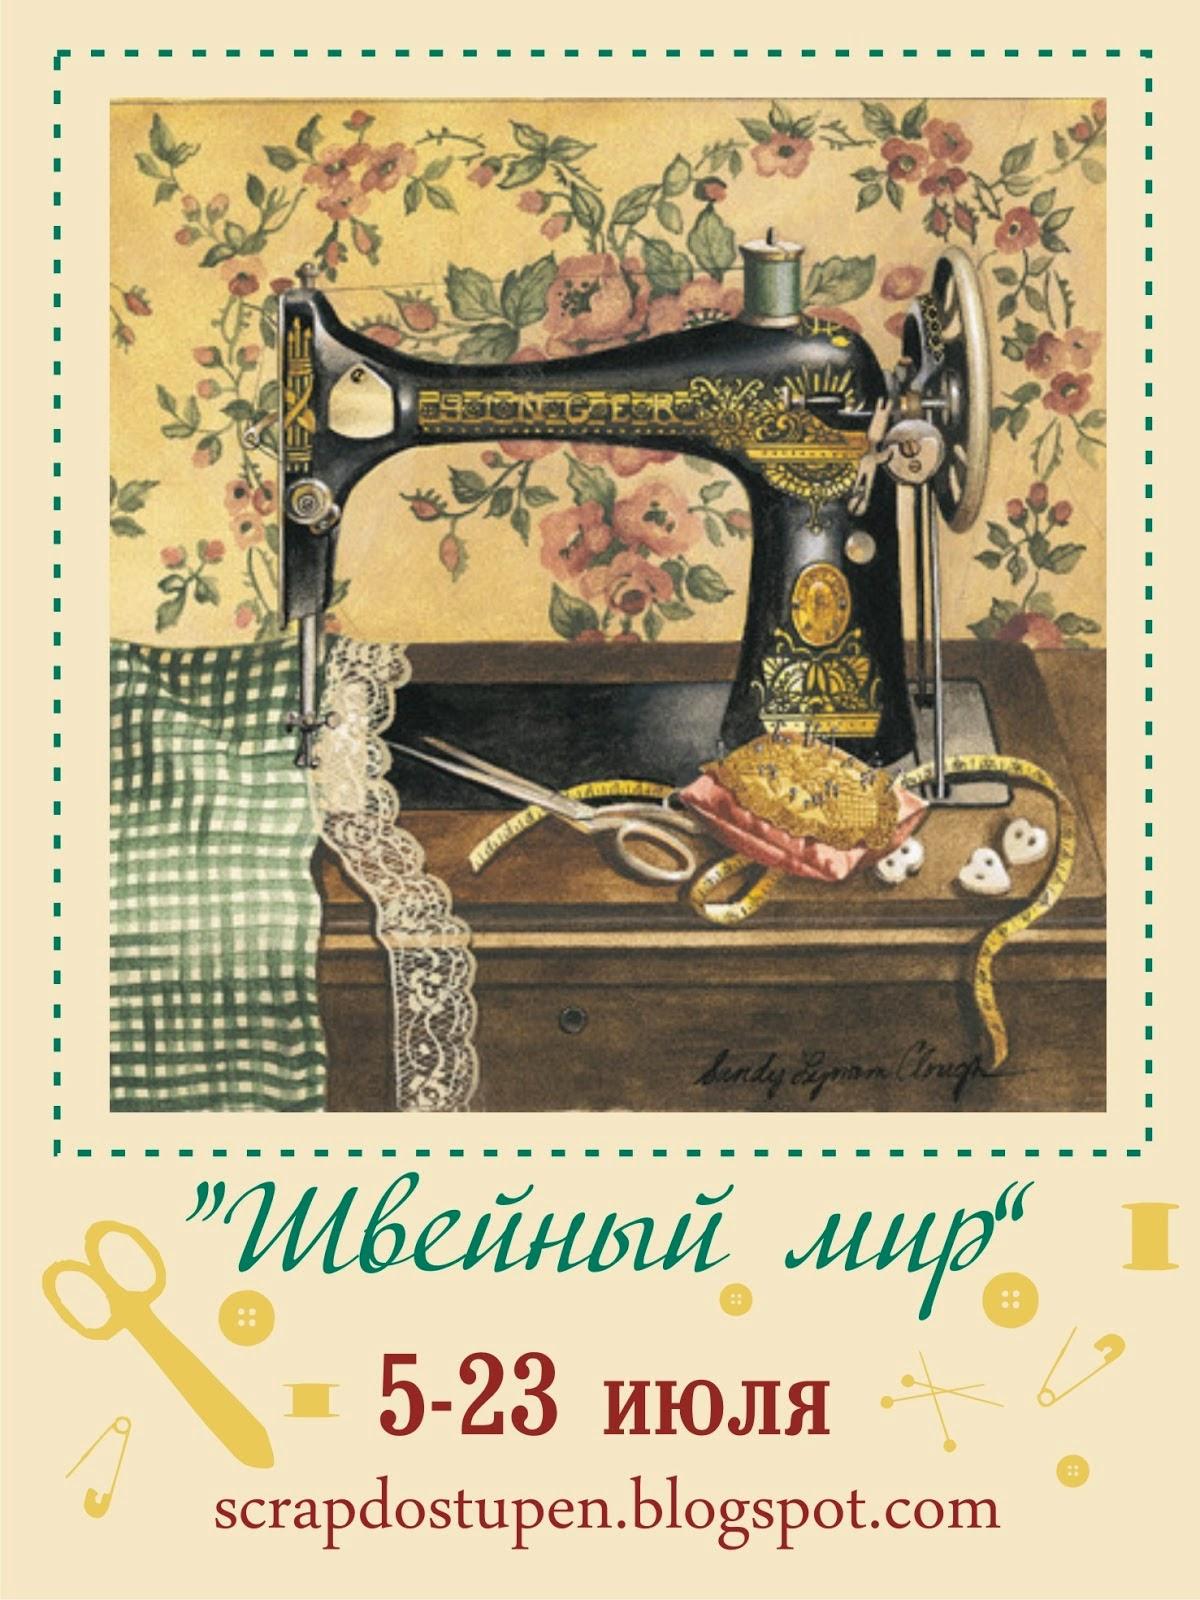 http://scrapdostupen.blogspot.ru/2014/07/blog-post_5.html